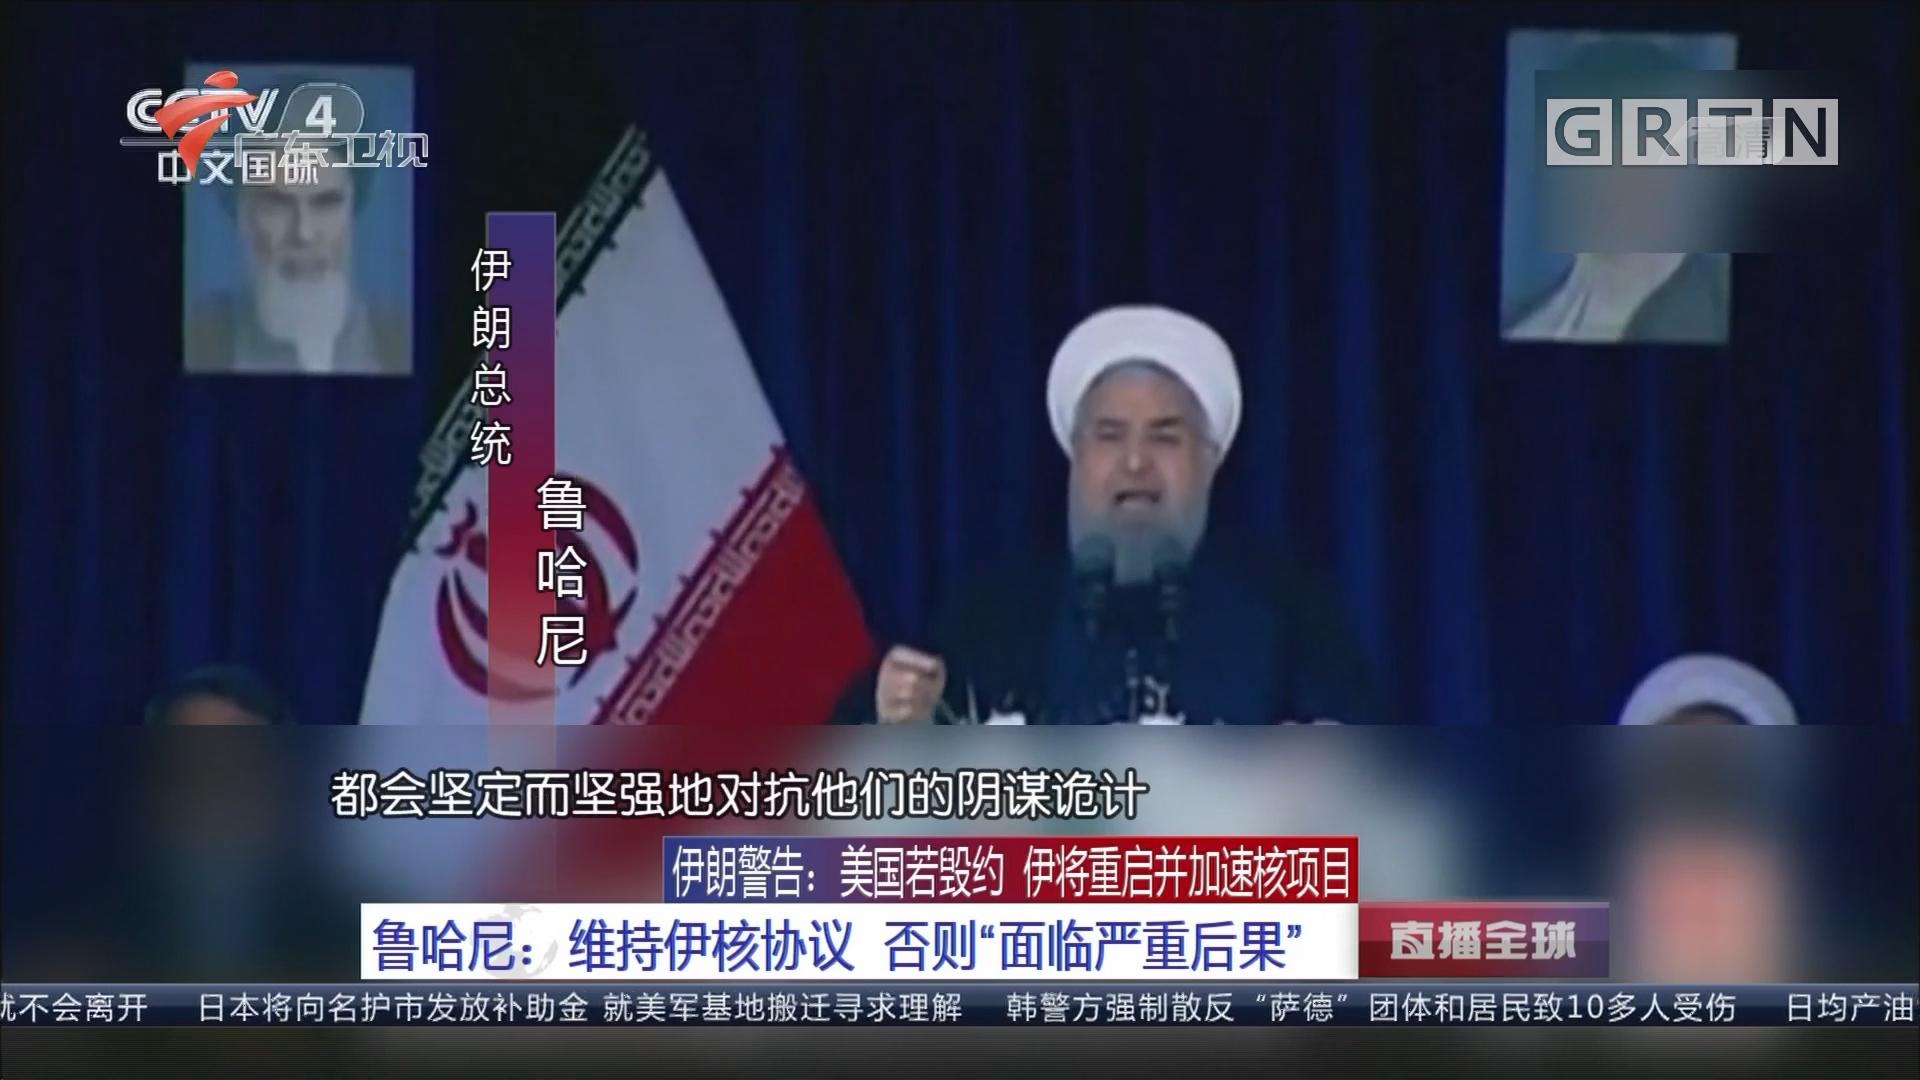 """伊朗警告:美国若毁约 伊将重启并加速核项目 鲁哈尼:维持伊核协议 否则""""面临严重后果"""""""